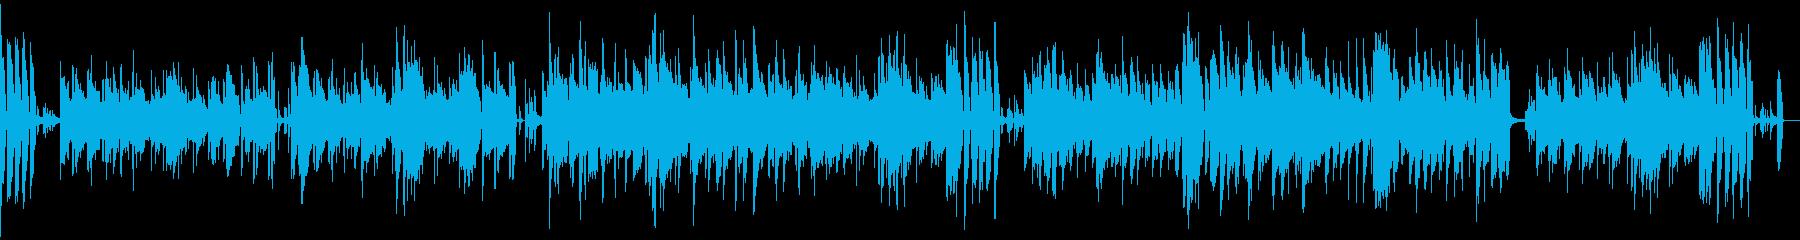 【メロなし】ほのぼの・日常・陽気BGMの再生済みの波形